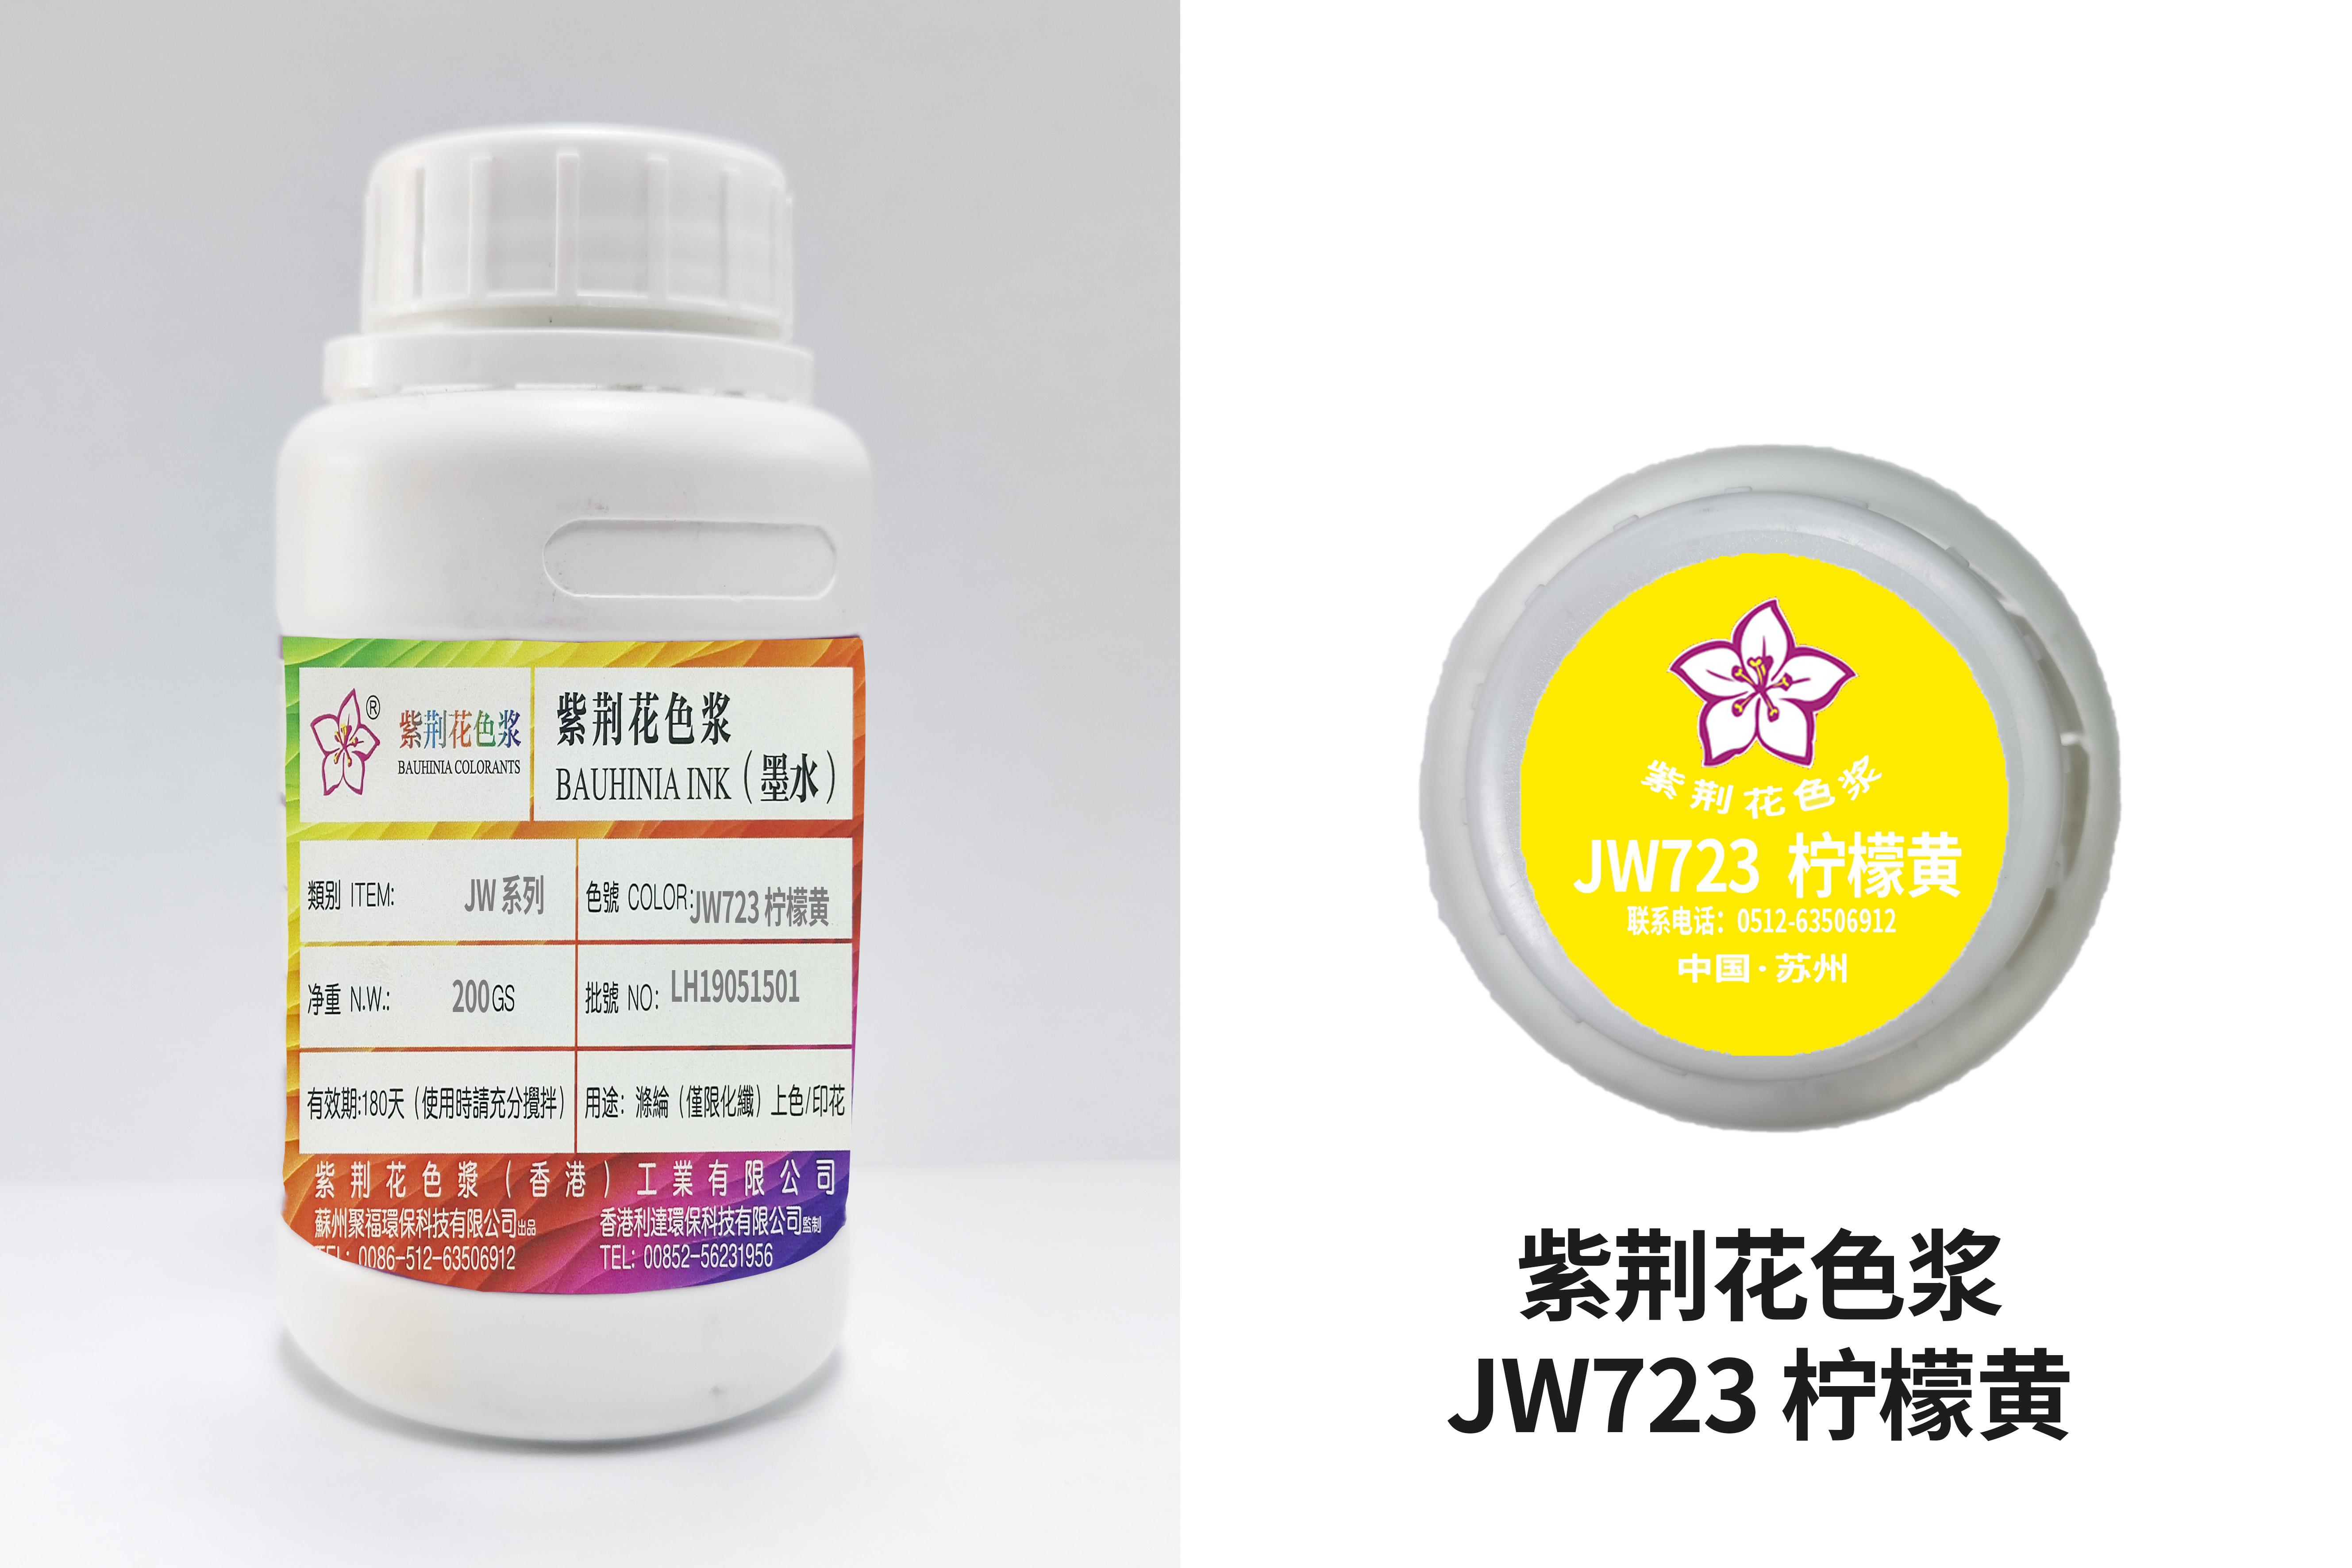 JW723柠檬黄染料